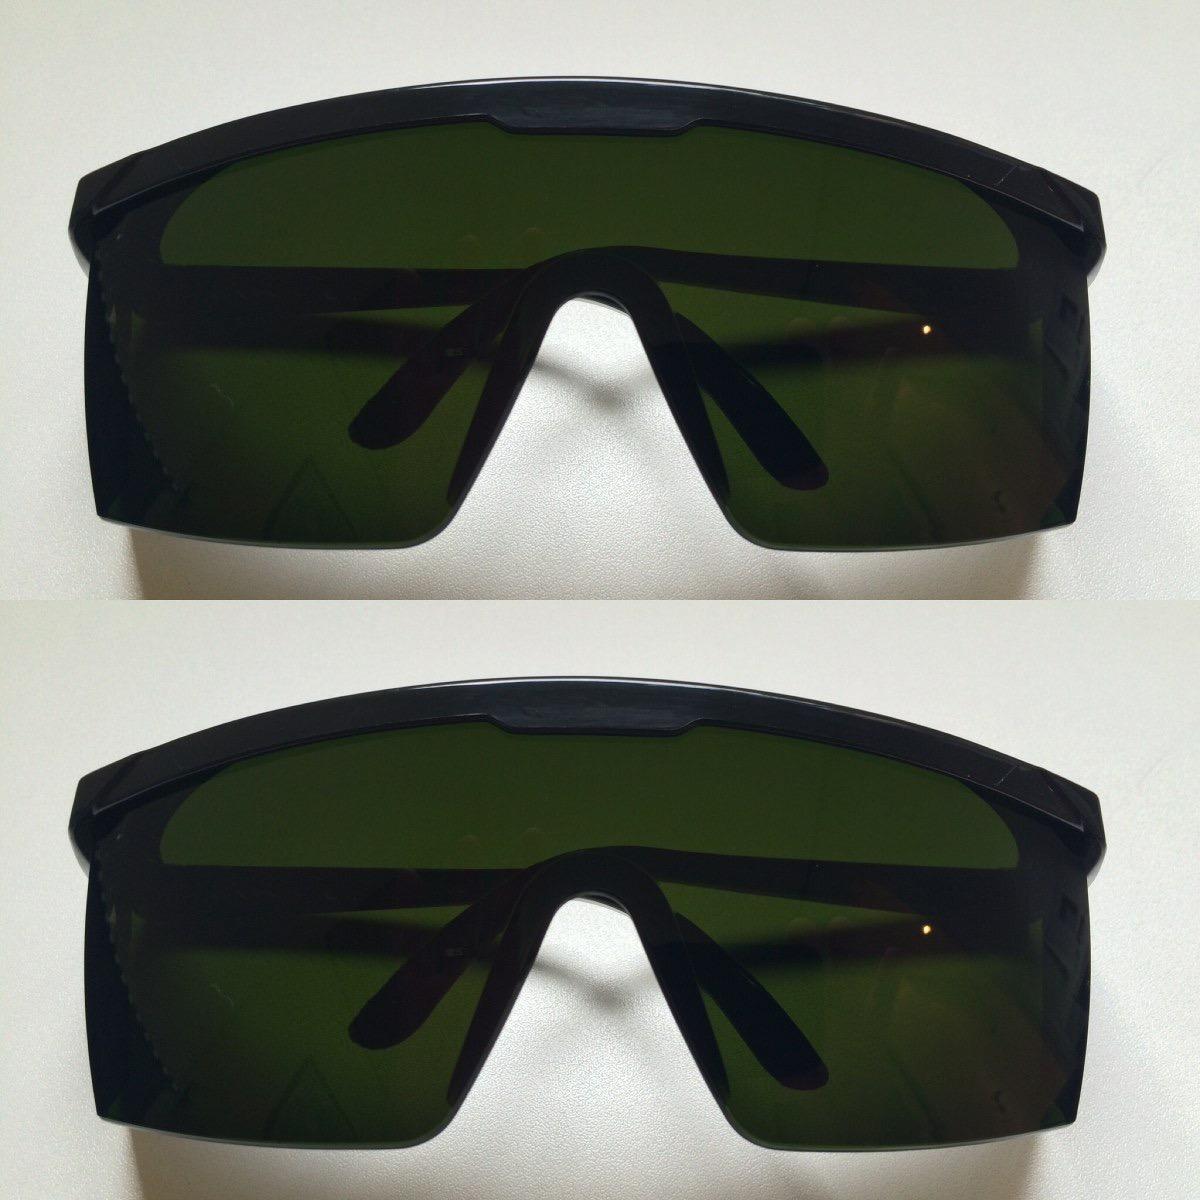 Oculos De Proteçao Contra Raio Laser E Luz Pulsada Ipl - R  120,00 em  Mercado Livre 50b669397e